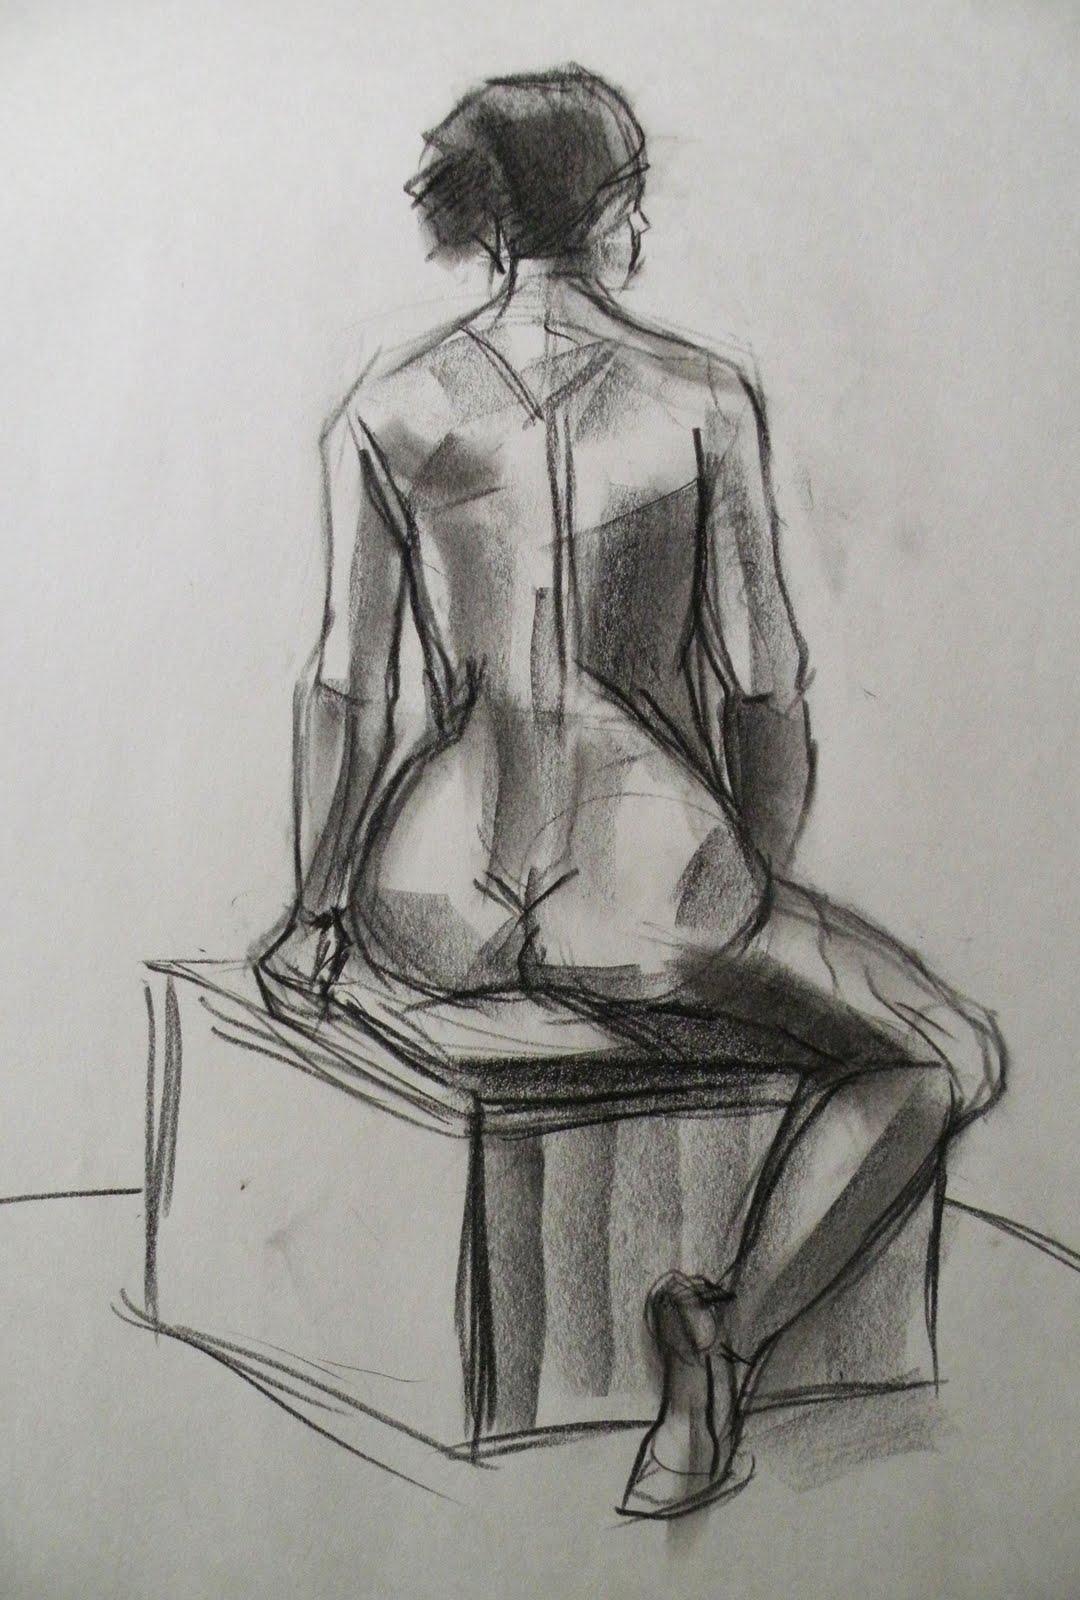 [+FigureLongStudy#12]